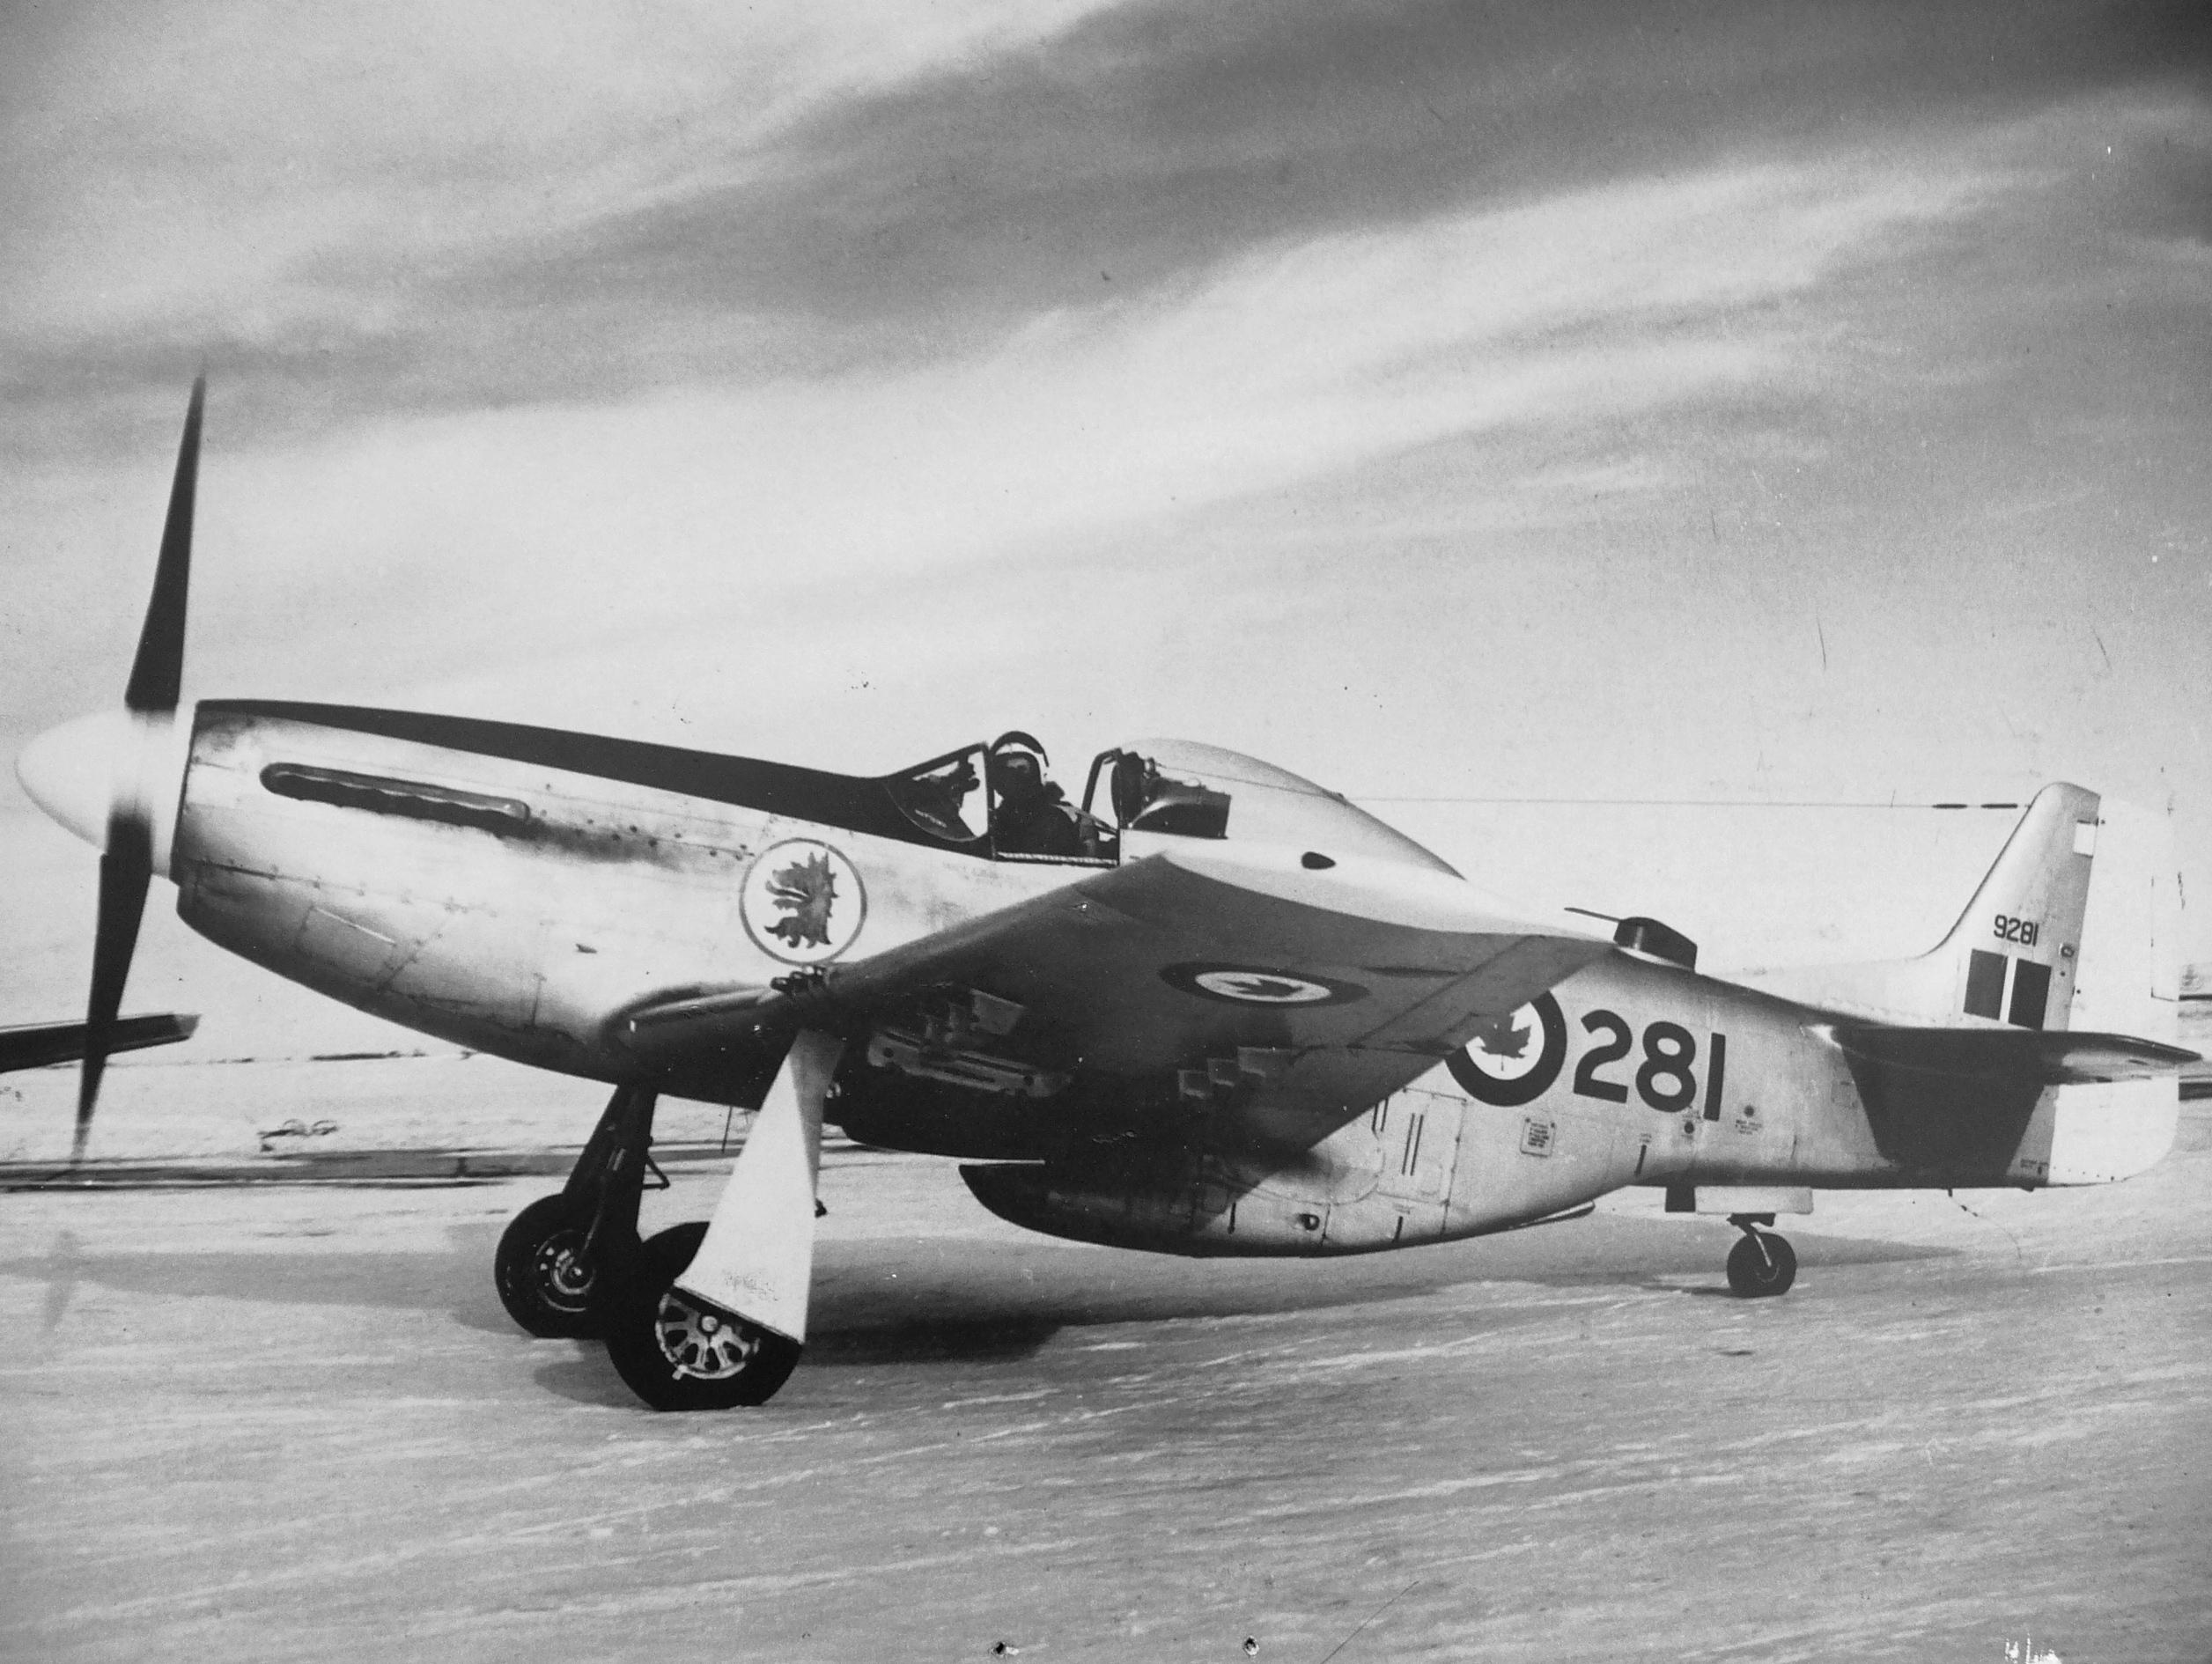 MUSTANG_RCAF_9221.jpg